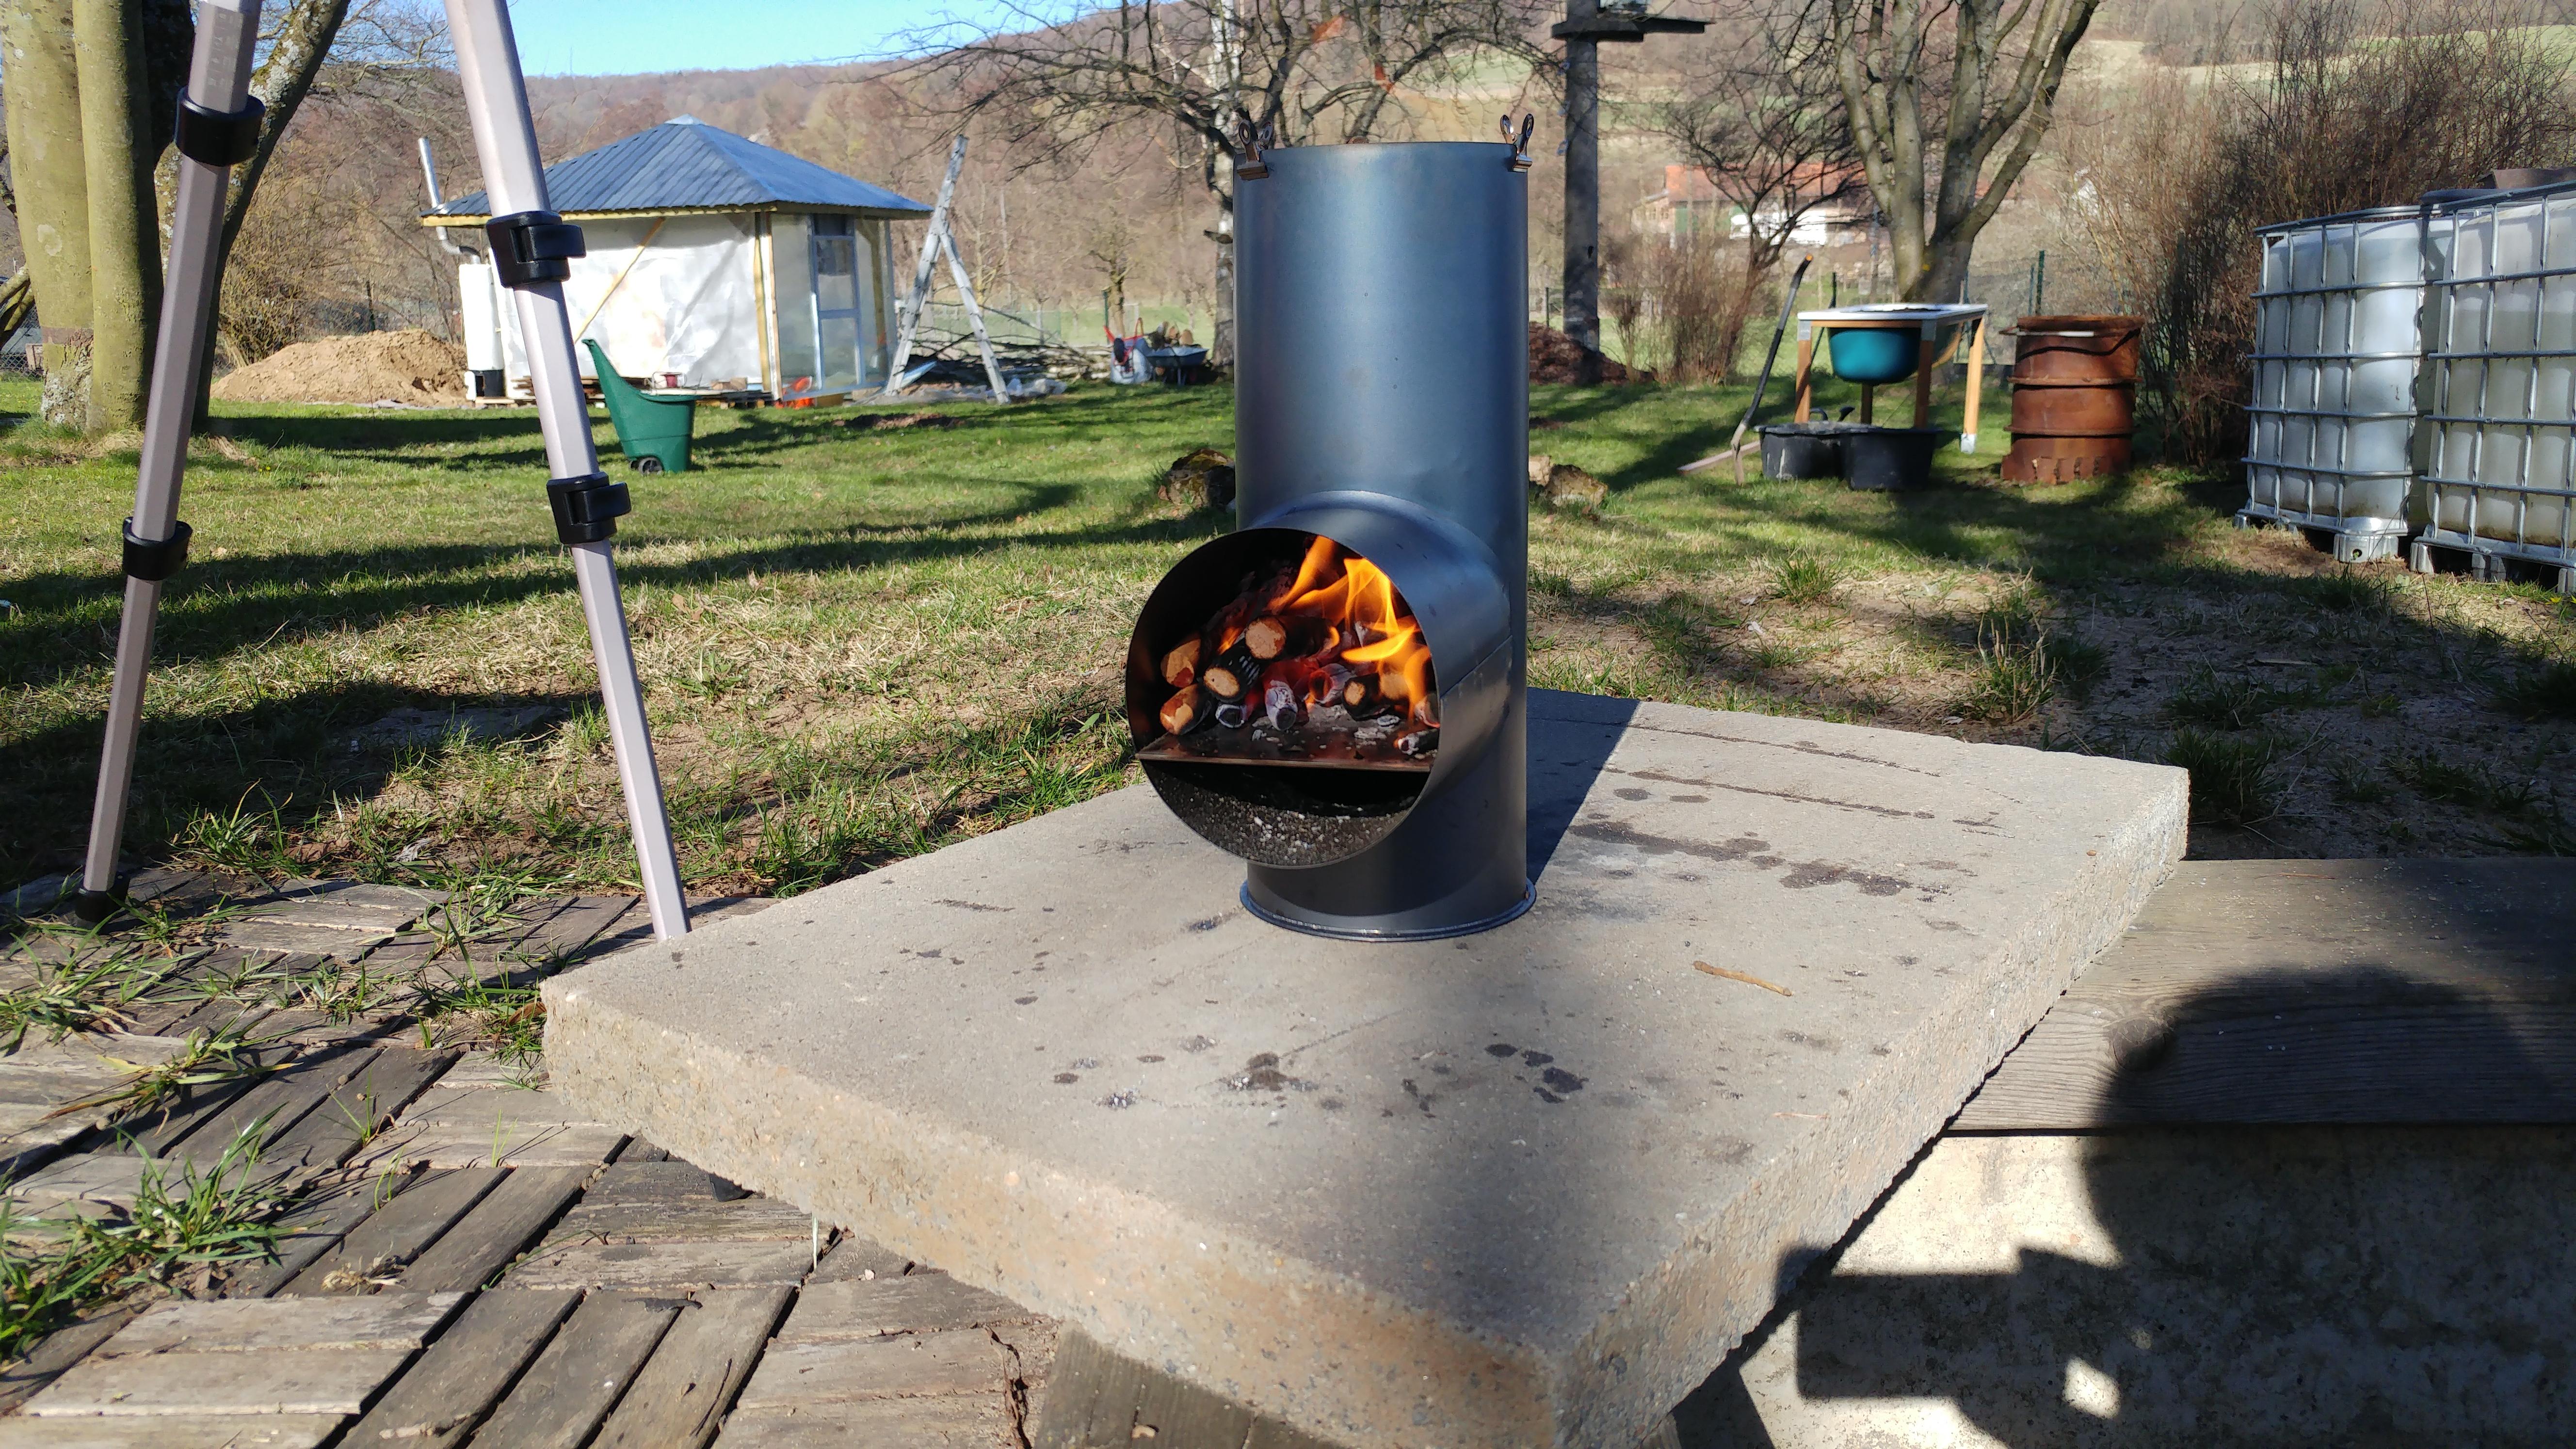 Eigenbau eines rocket stove raketenofen for Grill selber bauen einfach